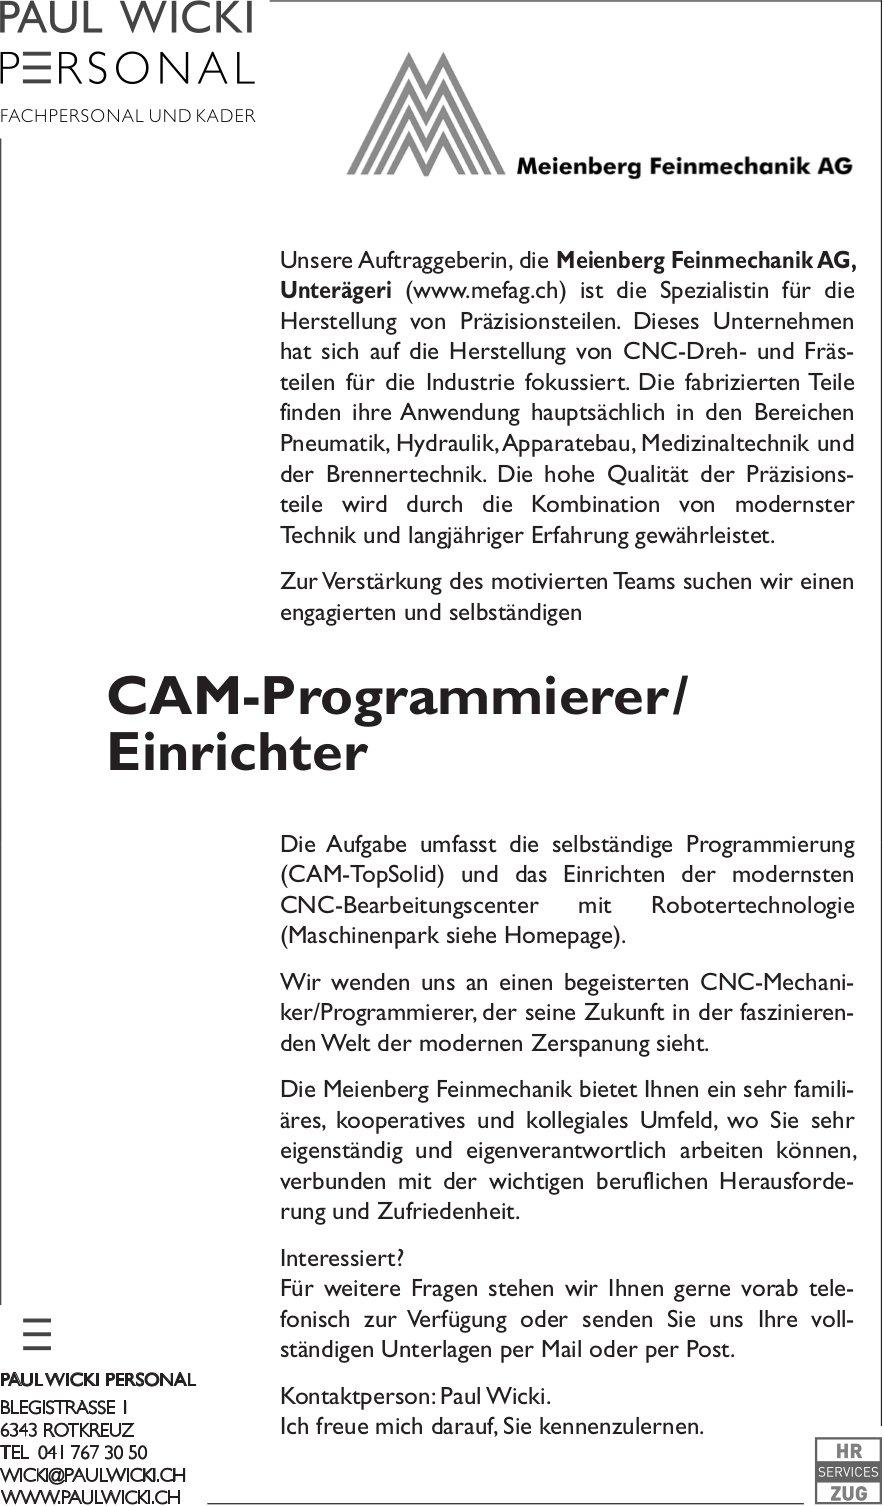 CAM-Programmierer / Einrichter, Meienberg Feinmechanik AG